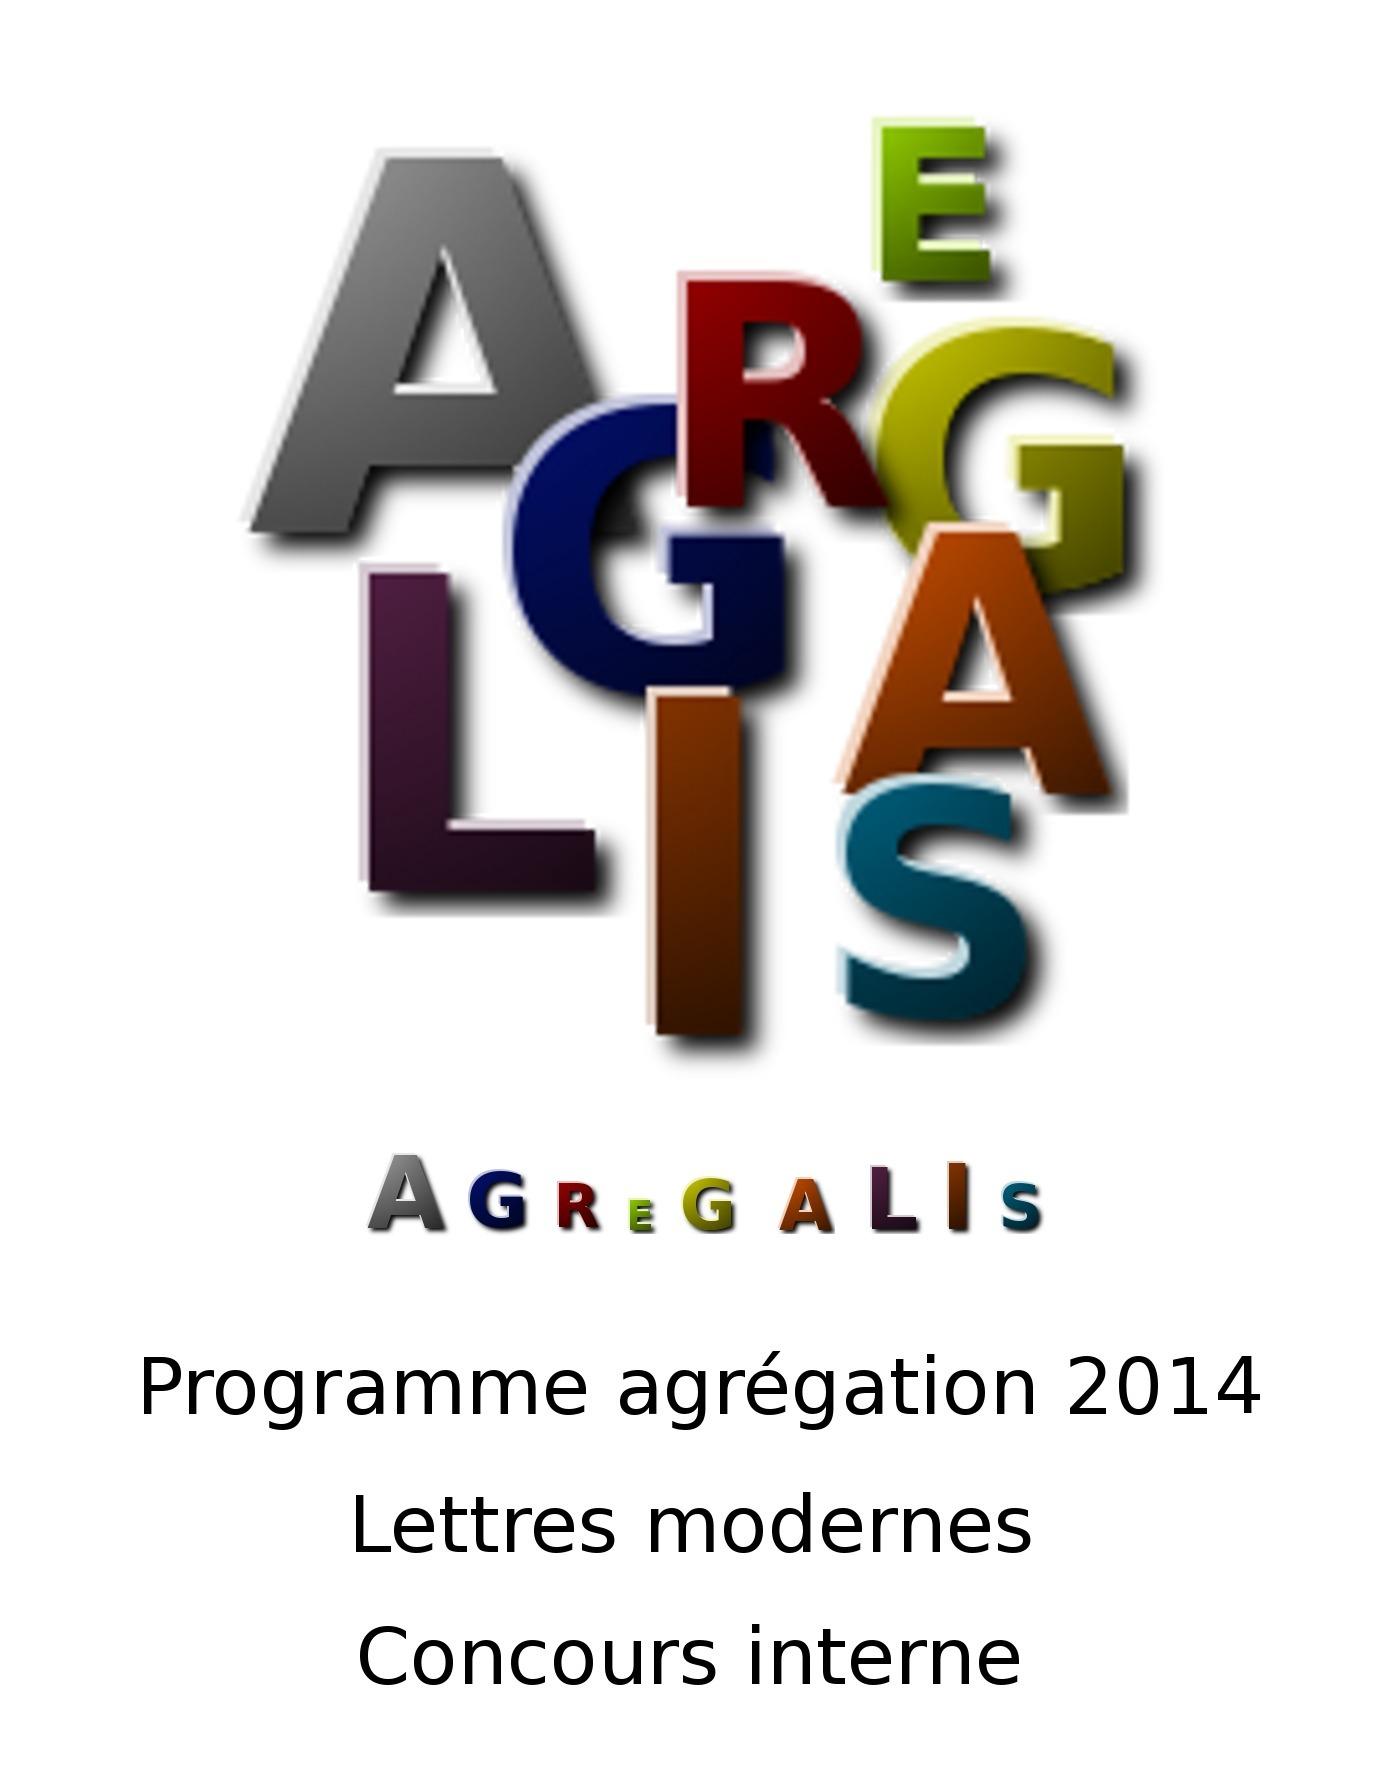 Programme agrégation 2014 - Lettres modernes - Concours Interne